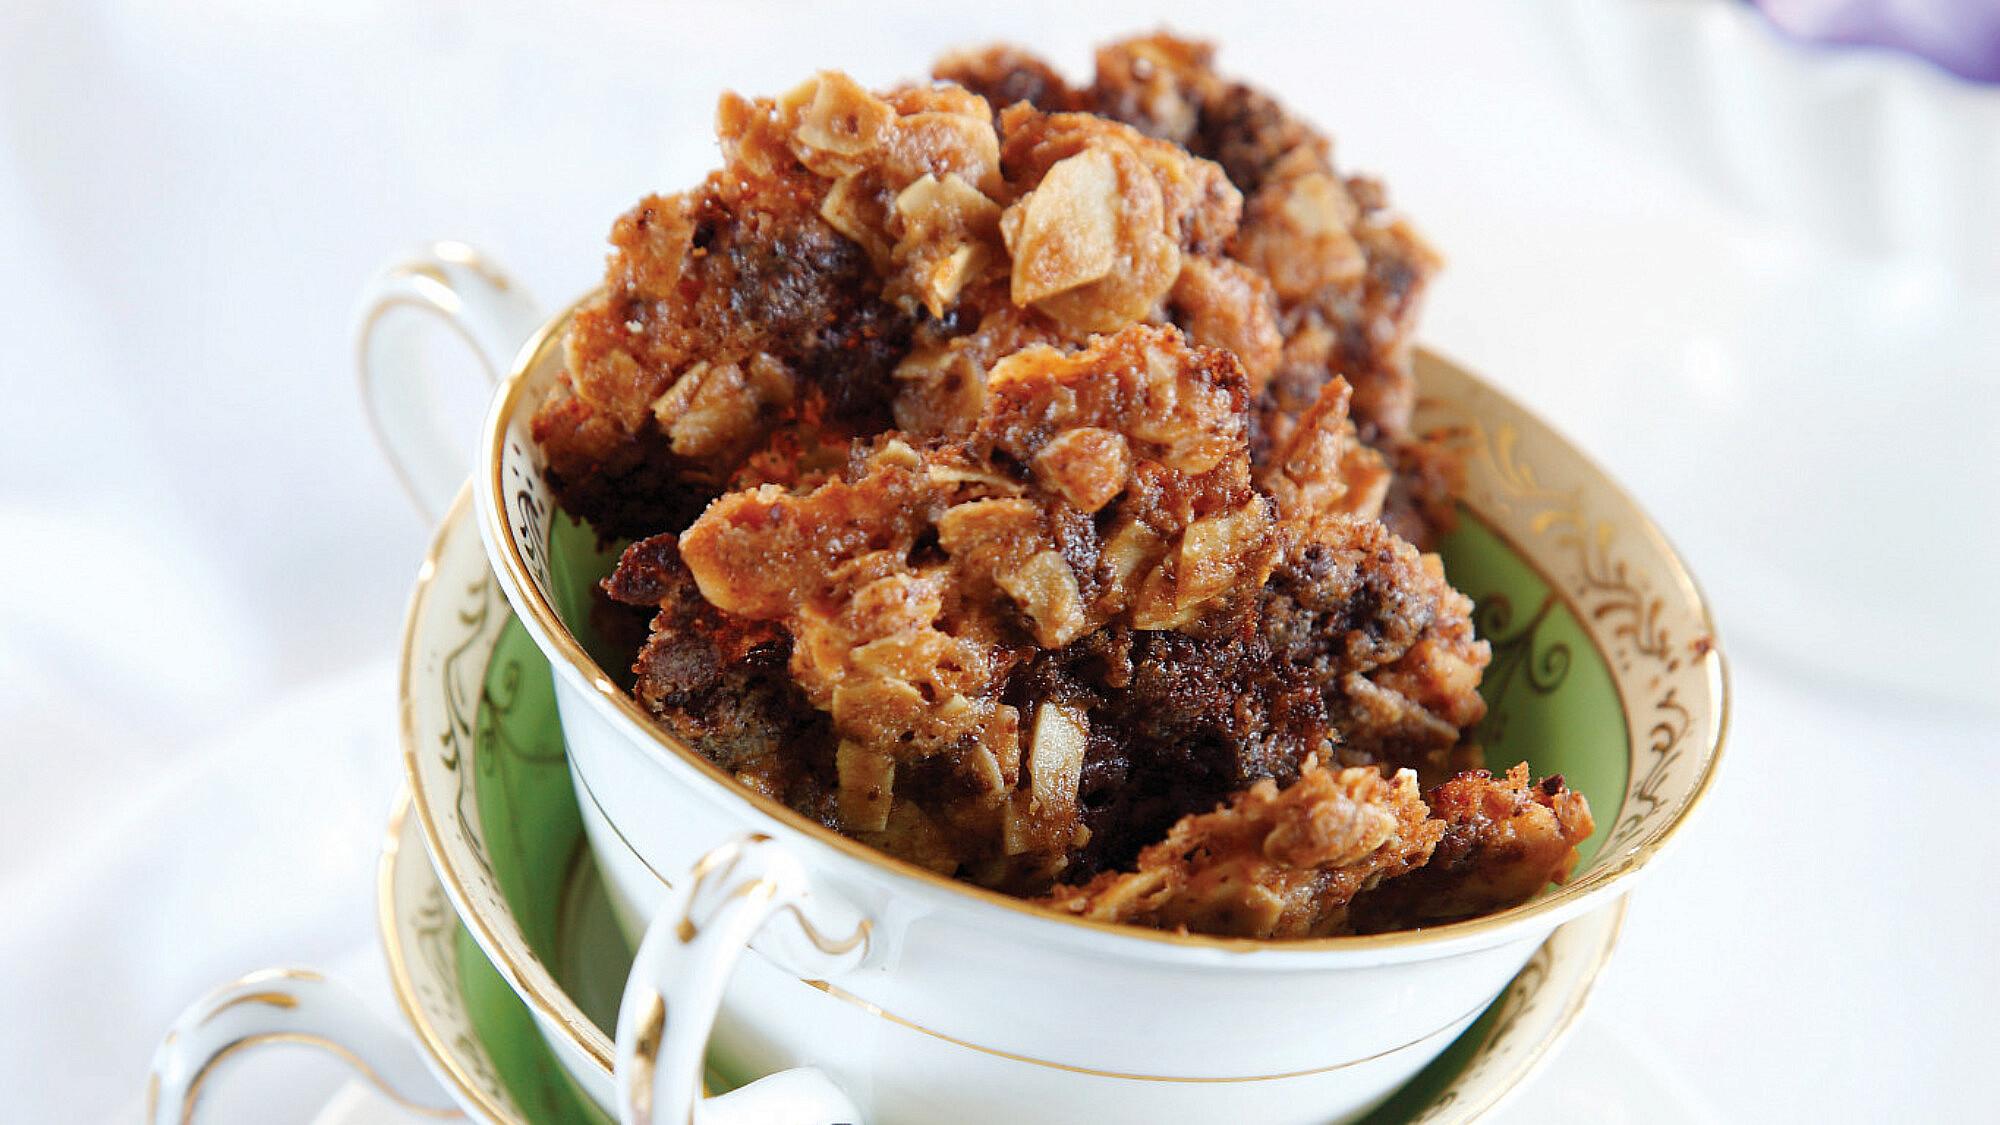 עוגיות שקדים ושוקולד צ'יפס של איתי אלמוג, Bakery. סטיילינג: דלית רוסו (צילום: דניה ויינר)